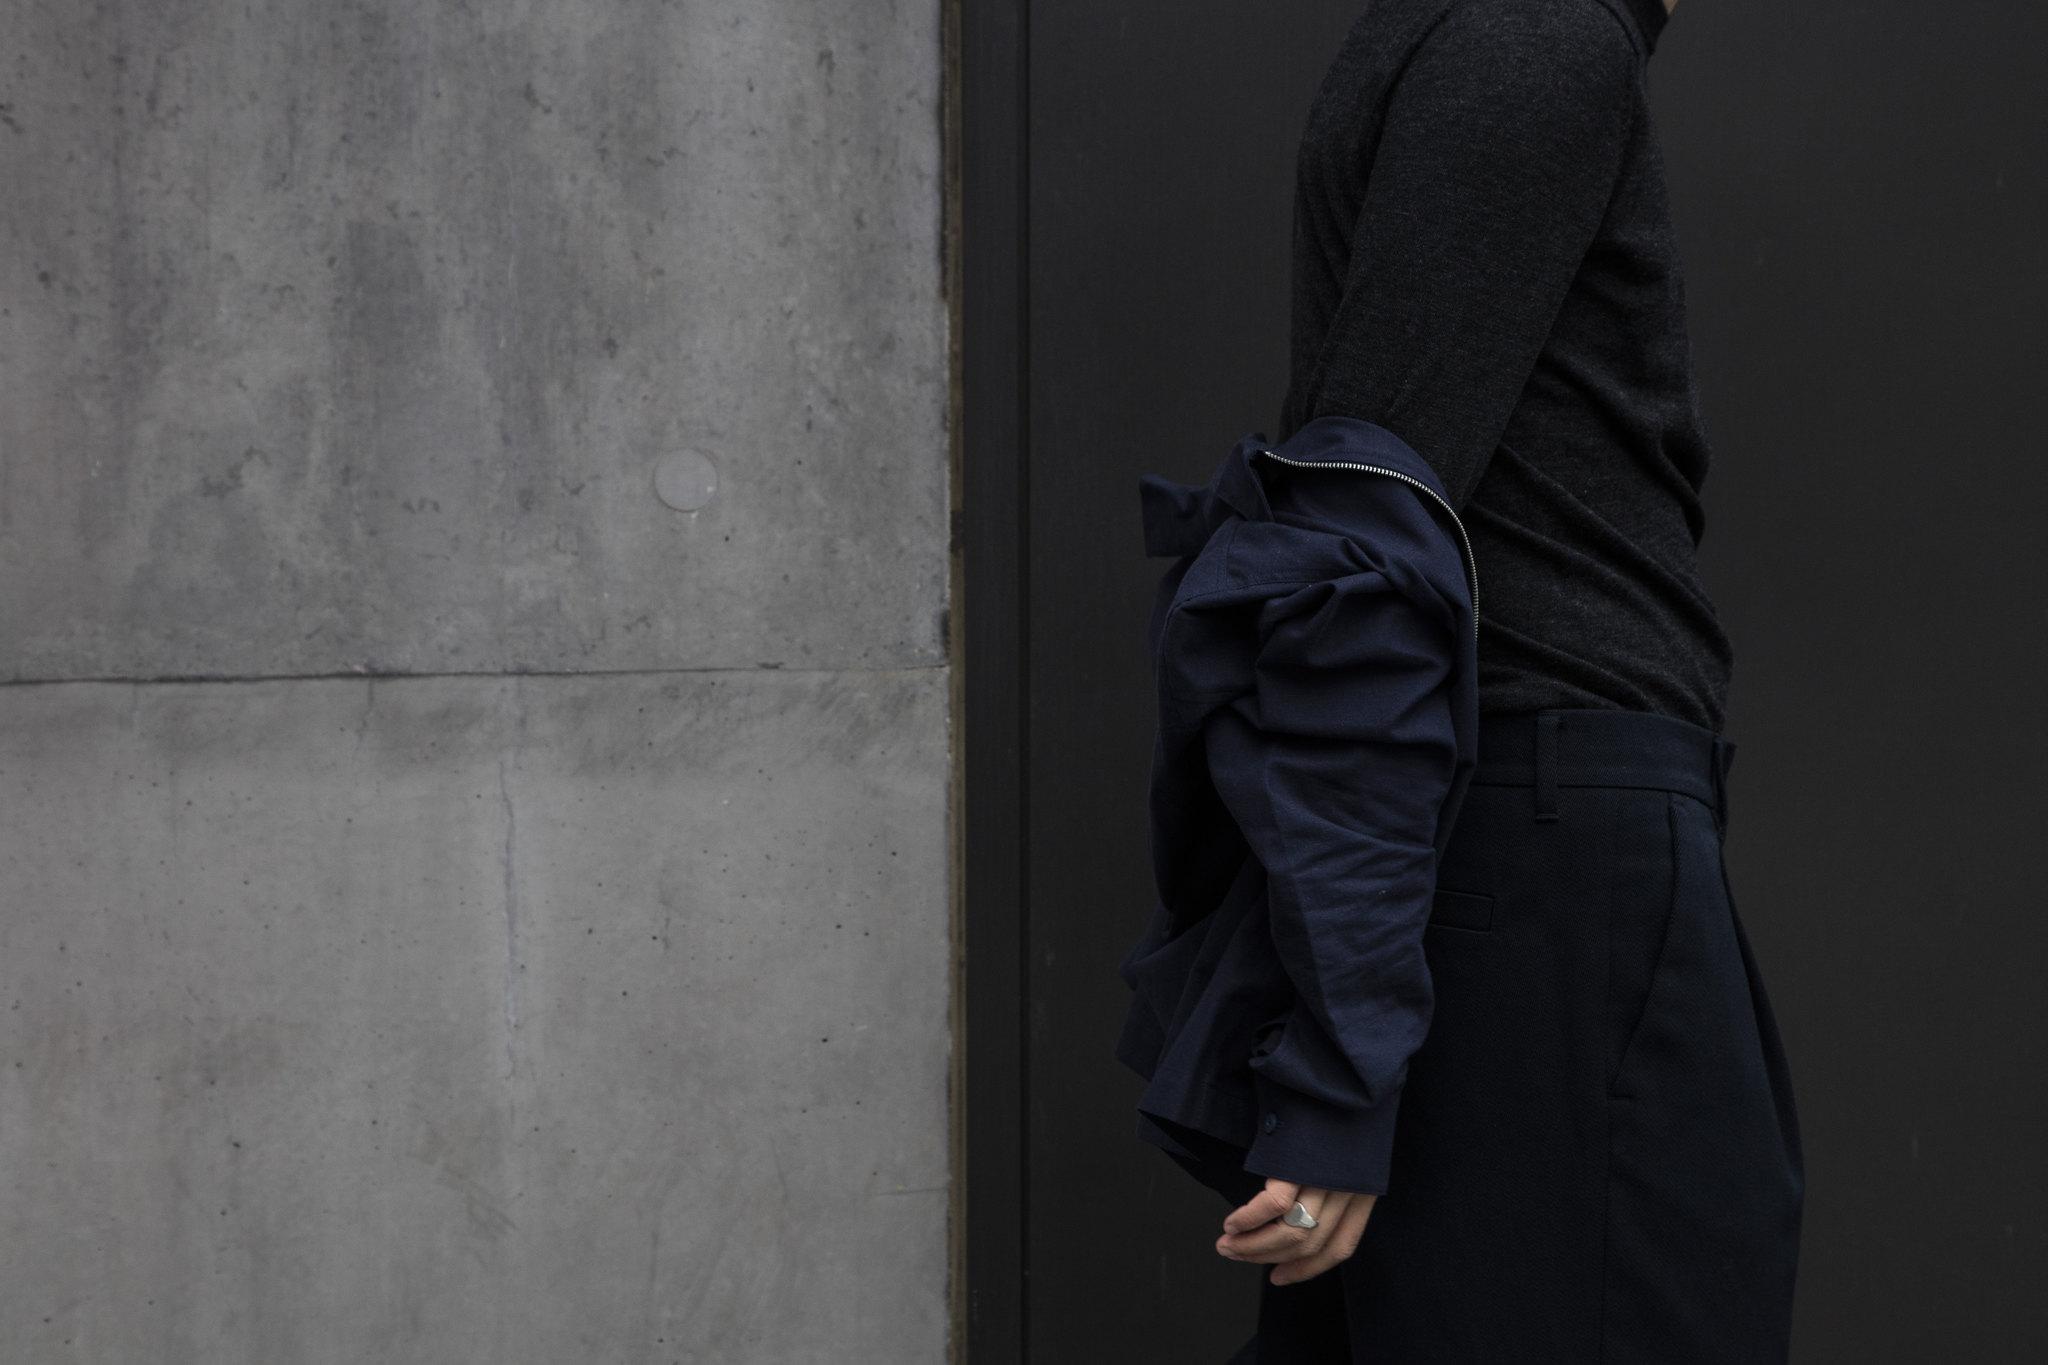 Jordan_Bunker_wearing_trousers_3